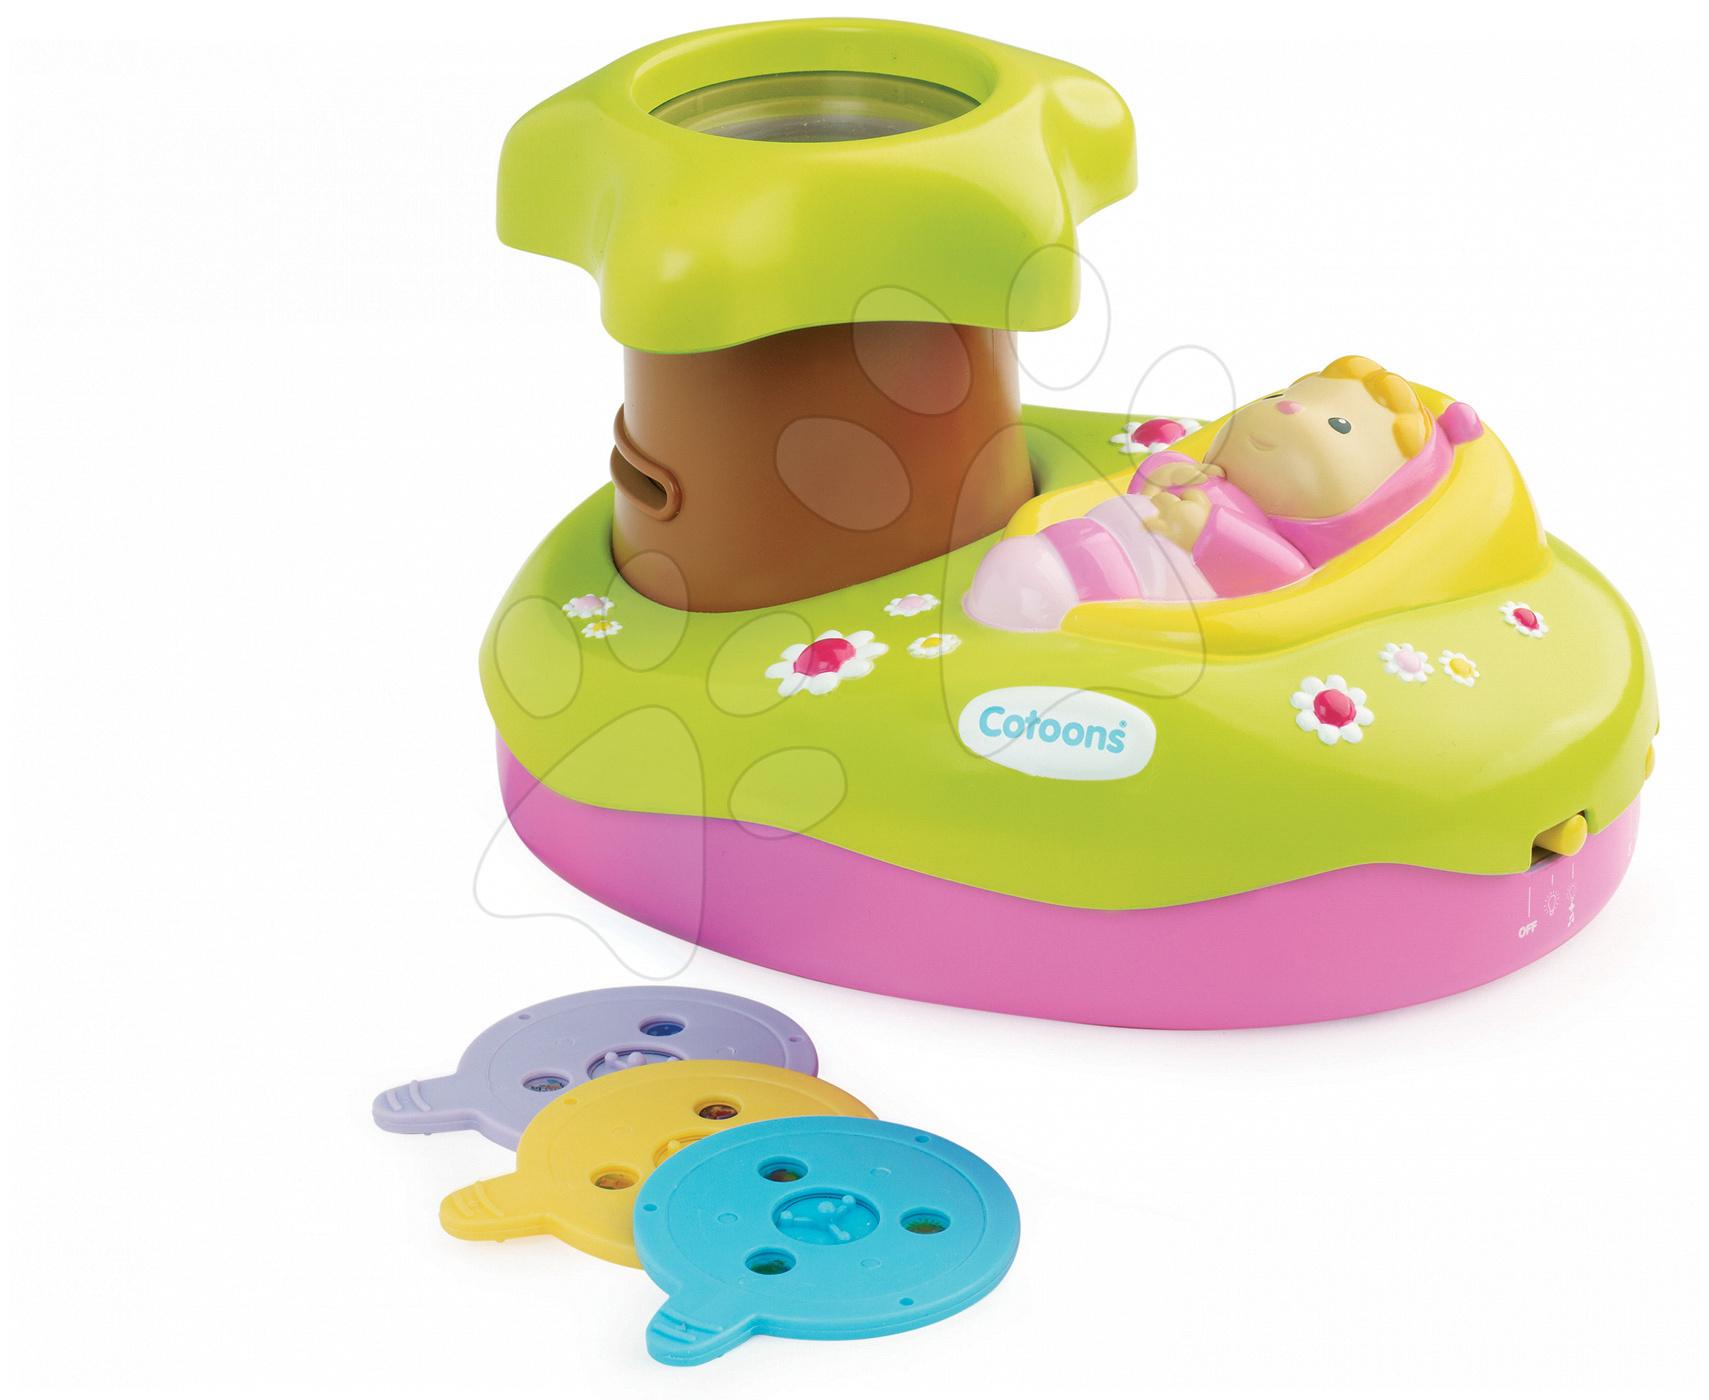 Hračky pre bábätká - Svetelný projektor k postieľke Cotoons Smoby pre kojencov ružovo-zelený